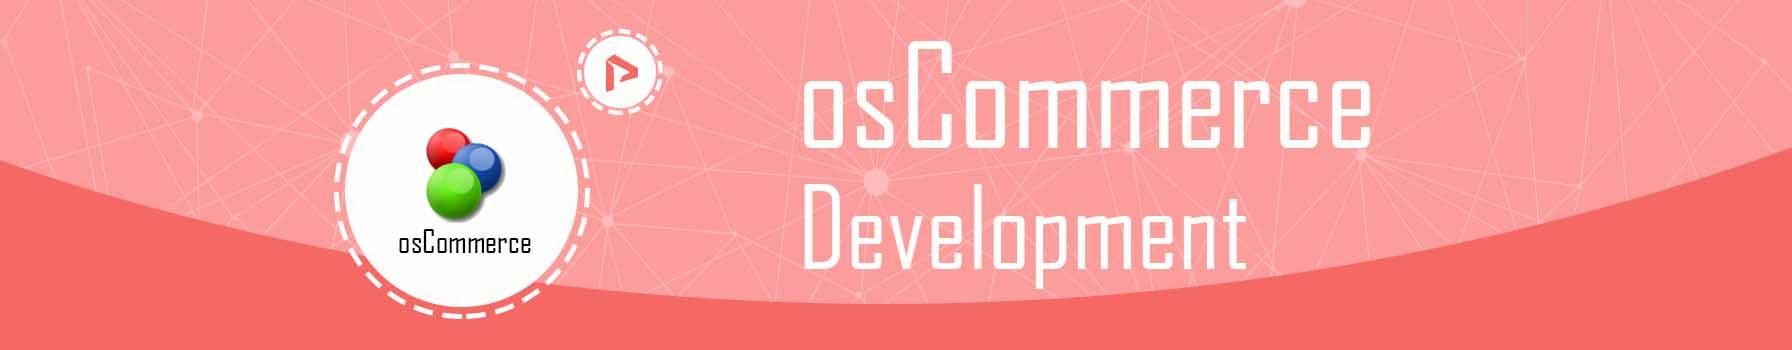 oscommerce-development.jpg